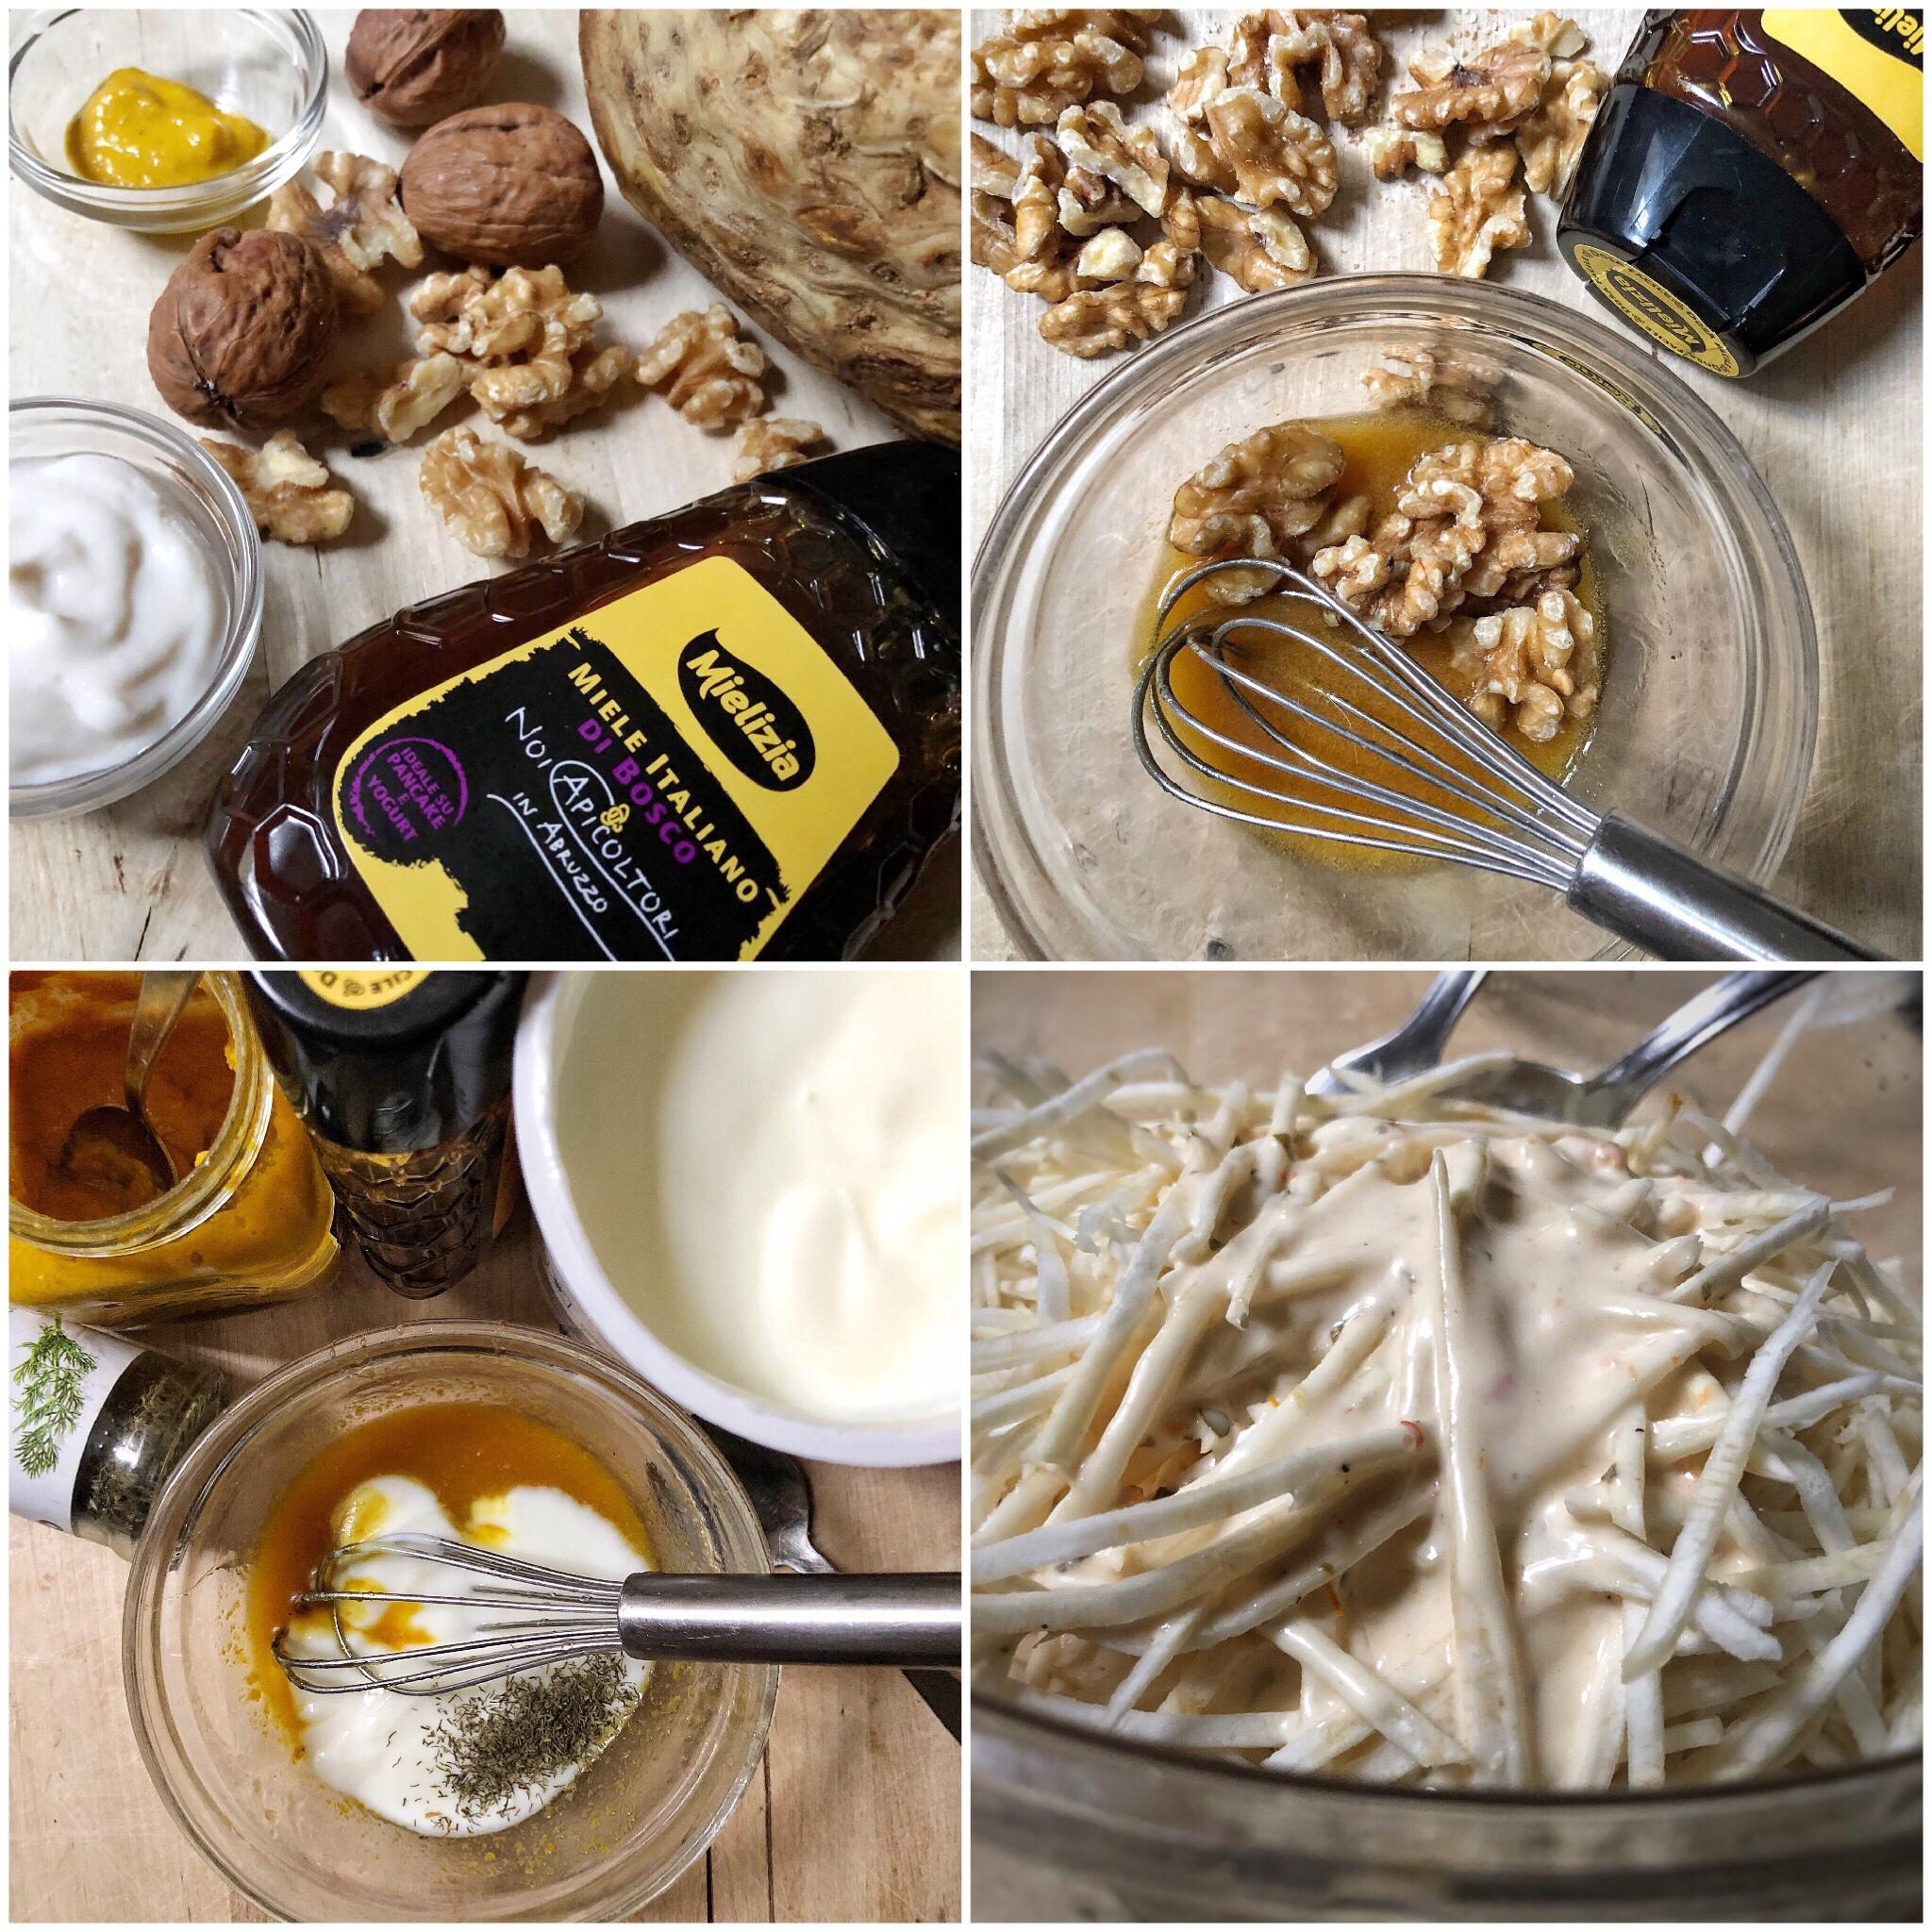 Insalata di sedano rapa con noci al miele